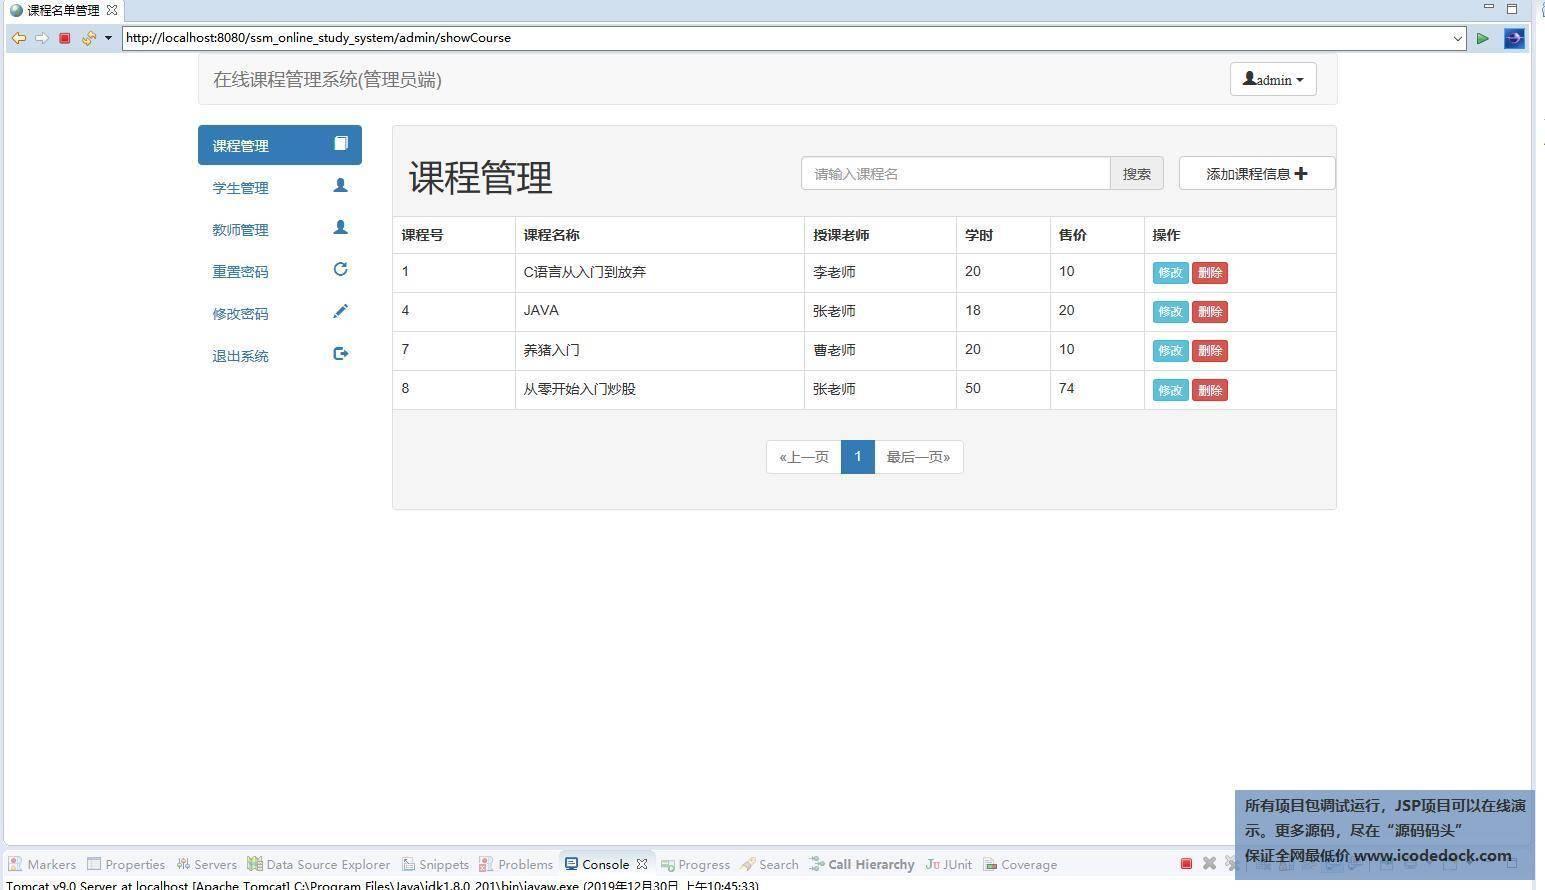 源码码头-SSM在线课程管理系统-管理员角色-管理员首页